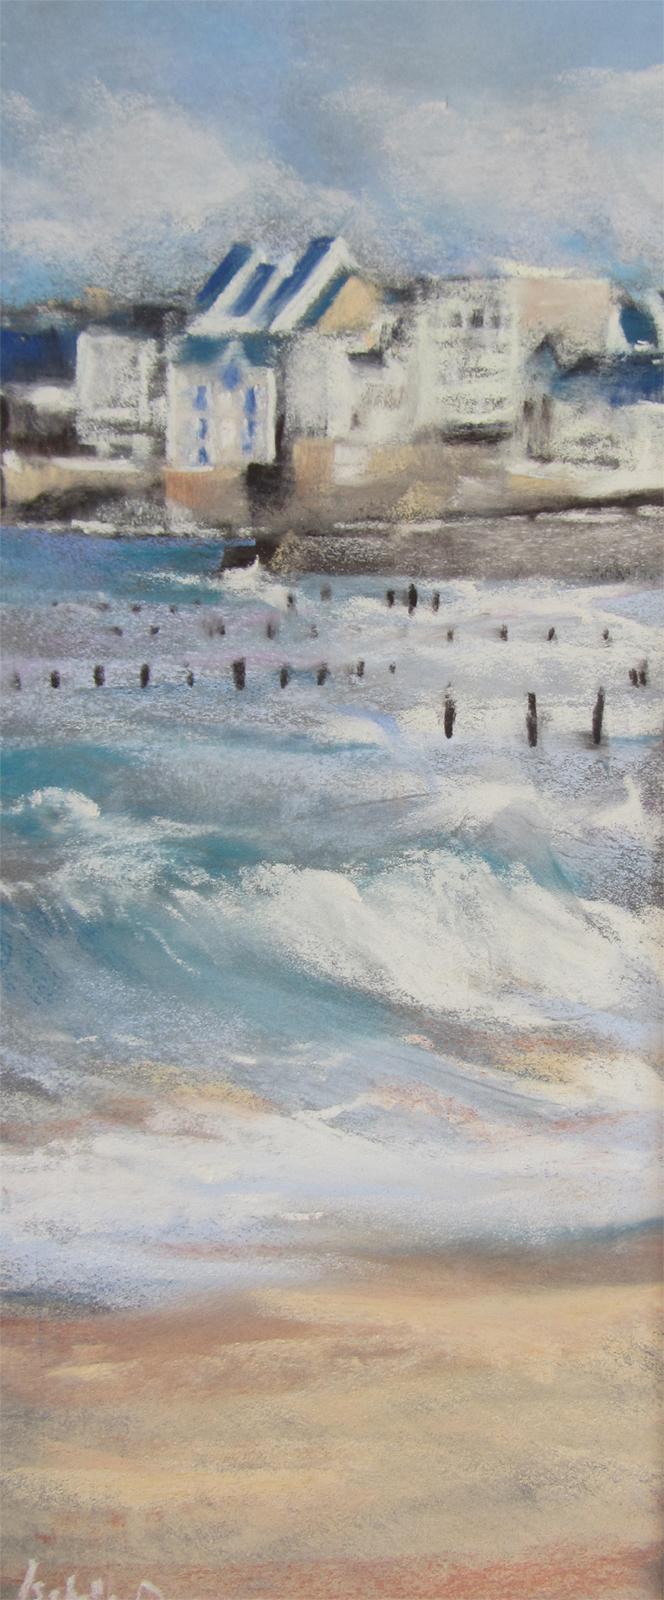 Saint-Malo Rochebonne - Peinture au pastel sec par l'artiste peintre Isabelle Douzamy - 30x57cm encadré